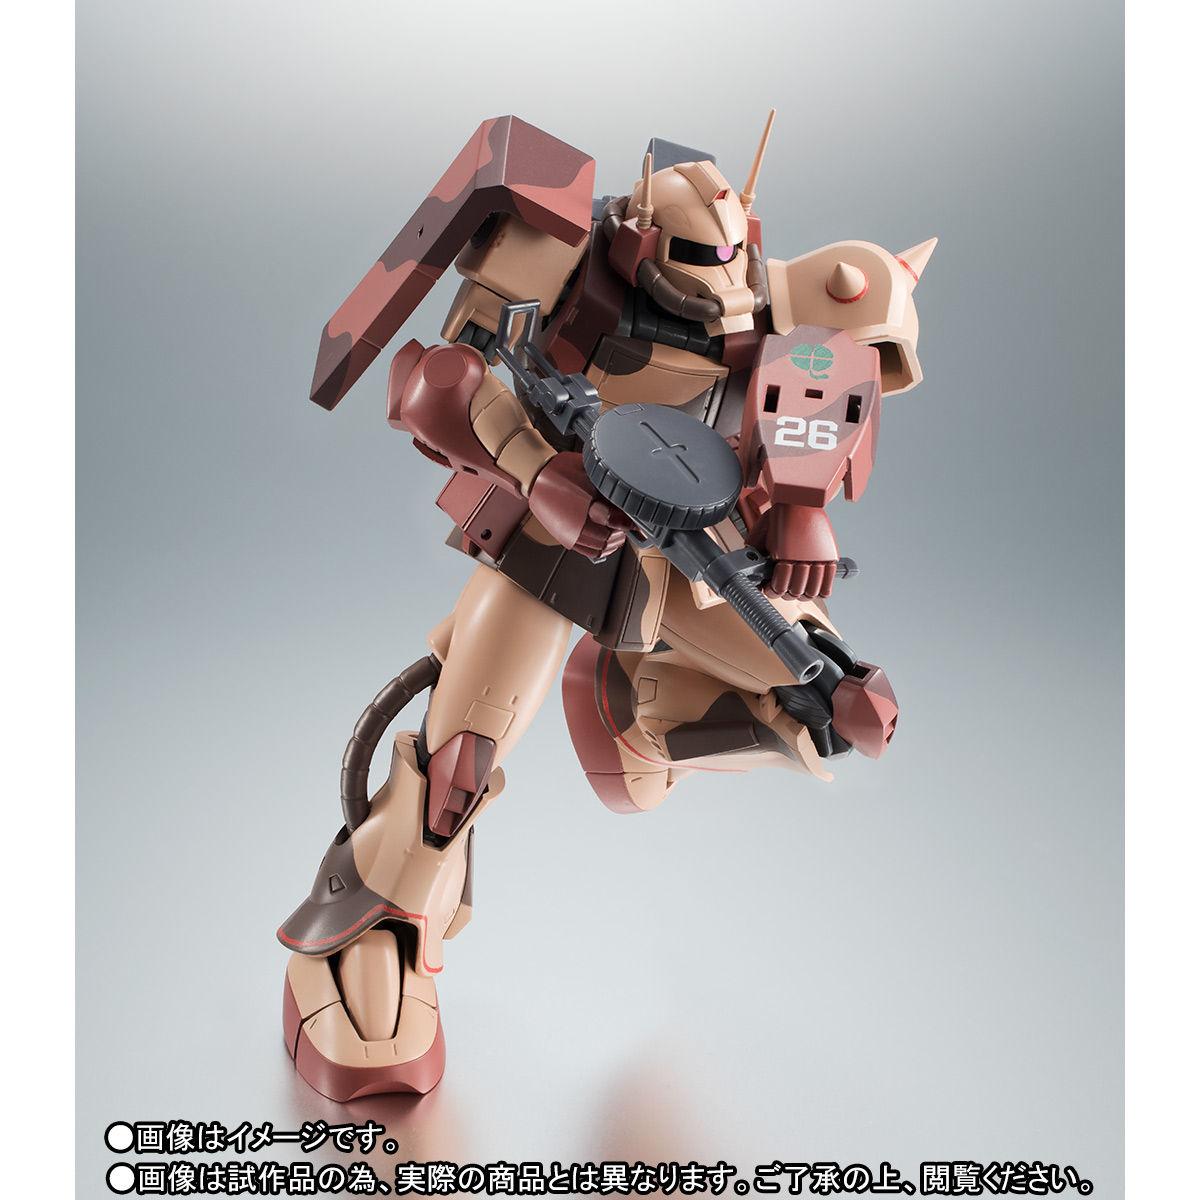 ROBOT魂〈SIDE MS〉『MS-06D ザク・デザートタイプ カラカル隊所属機』ガンダム モビルスーツバリエーション(MSV)可動フィギュア-008